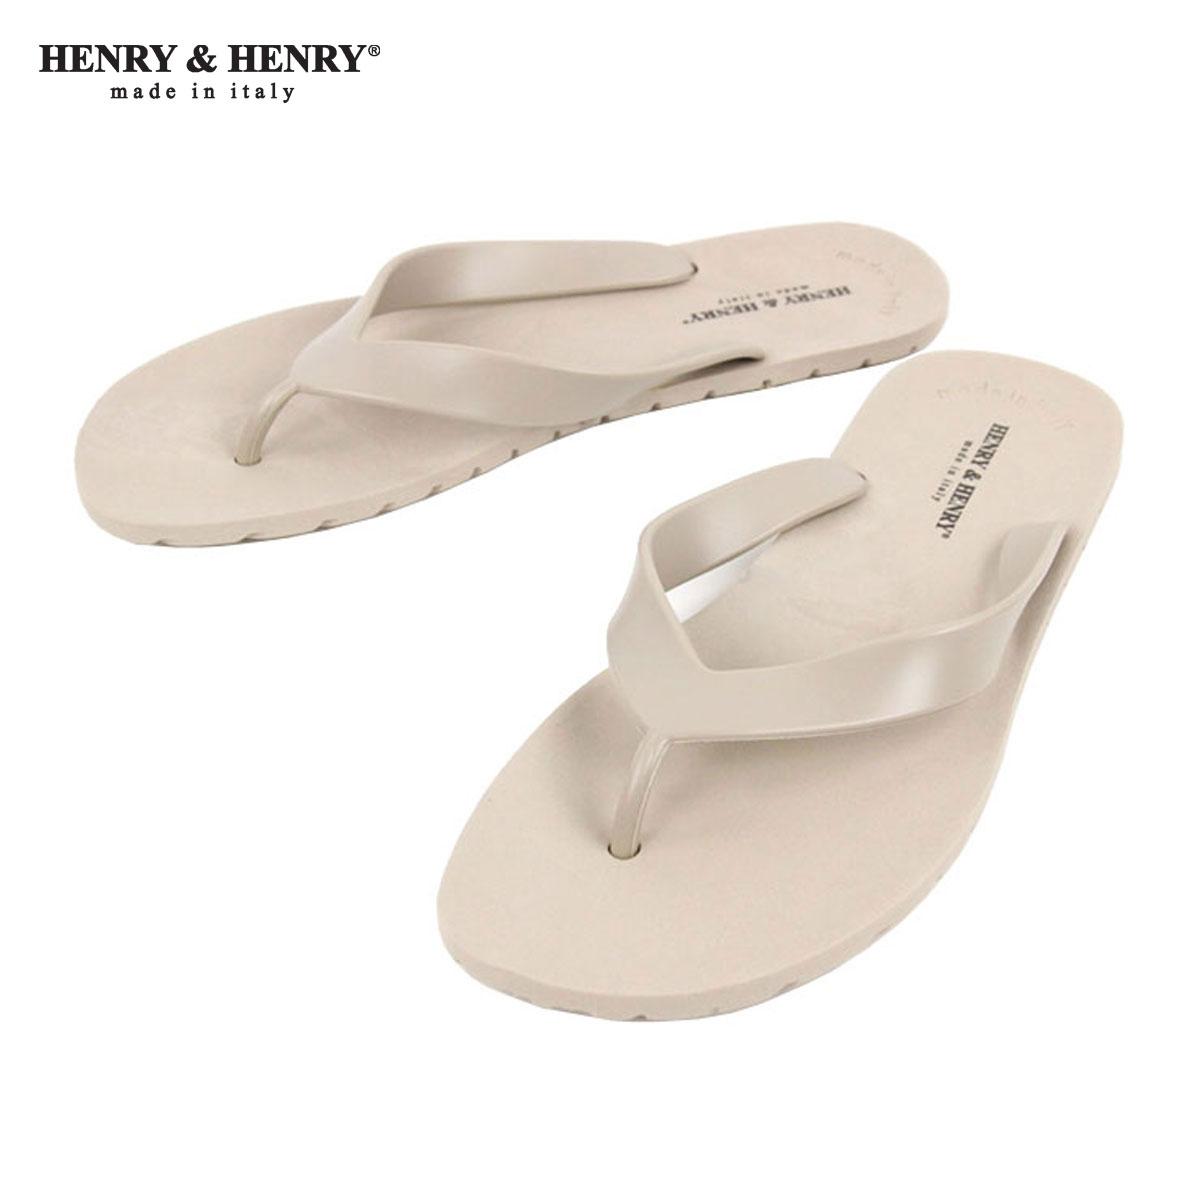 ヘンリーアンドヘンリー HENRY&HENRY 正規販売店 サンダル フリッパー FRIPPER SANDAL BEIGE 45 A66B B3C C4D D3E E18F